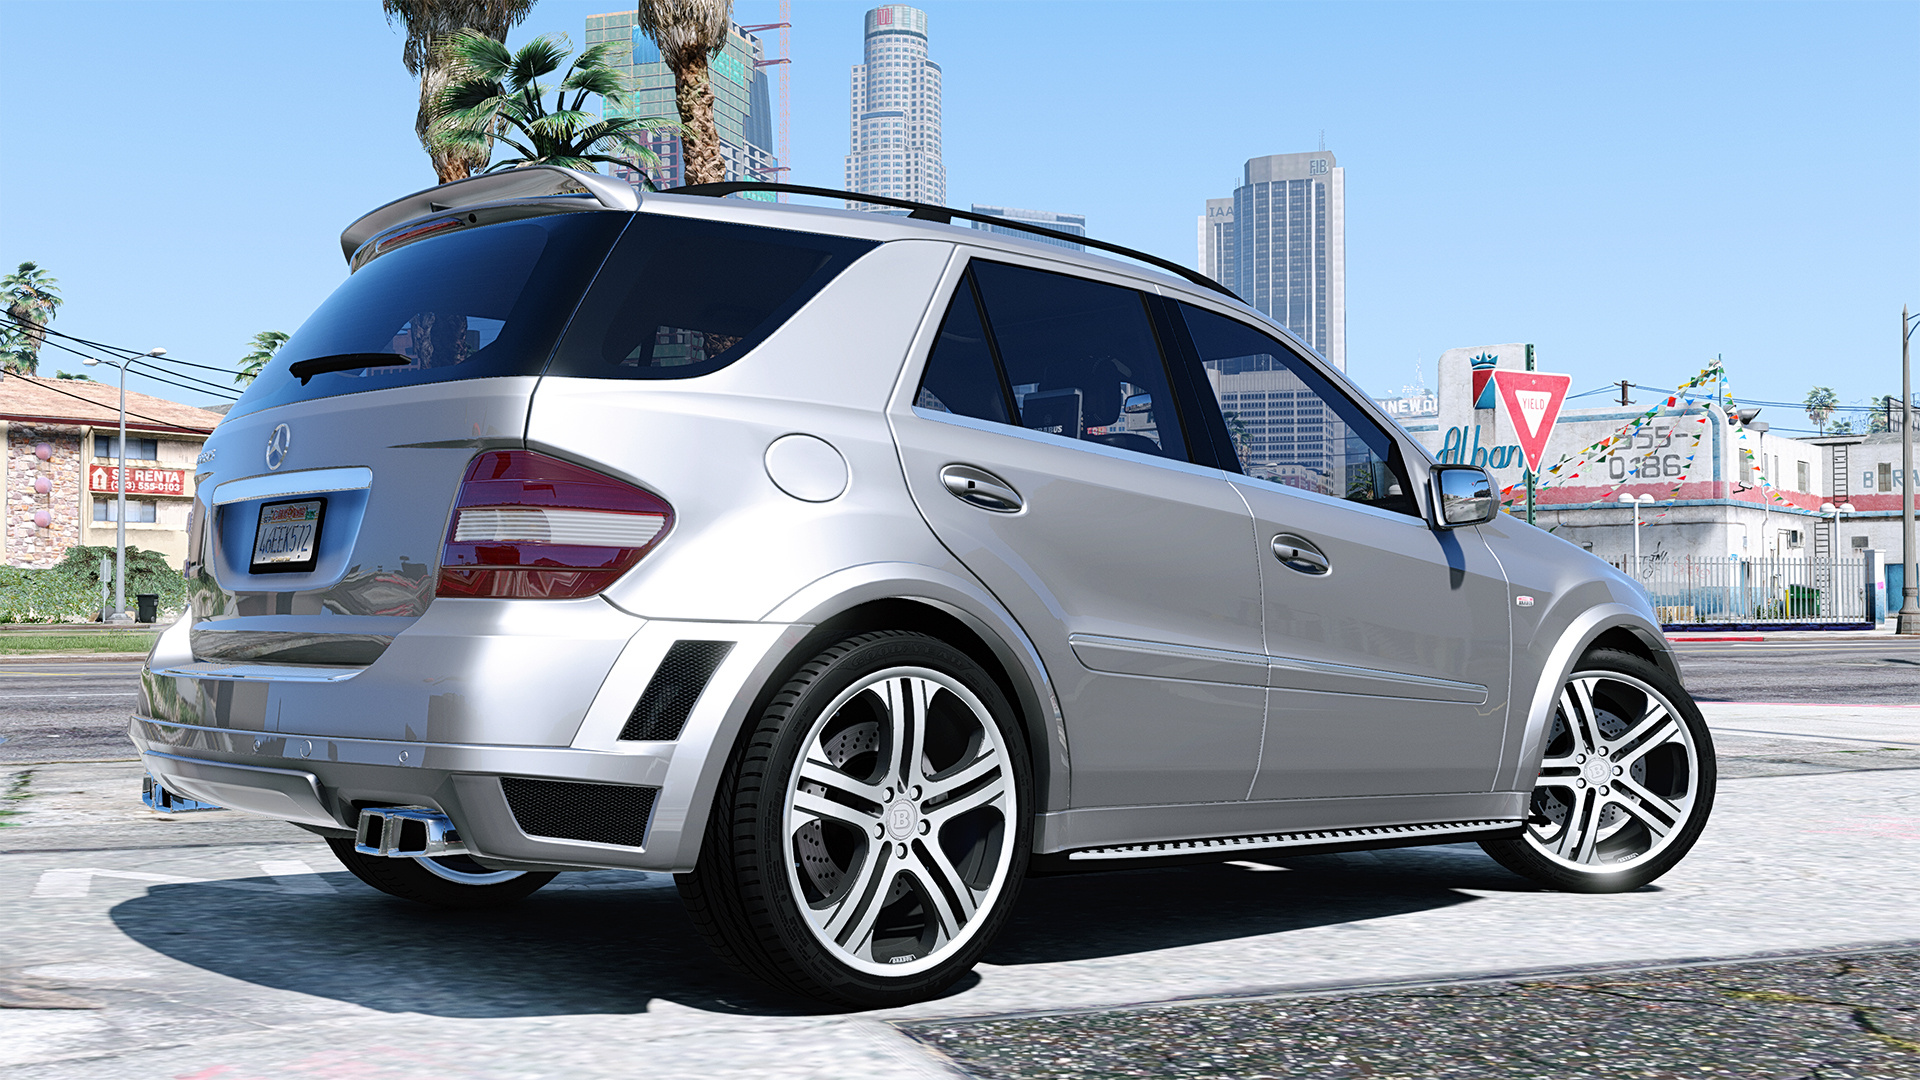 Mercedes benz ml brabus 2009 monoblock q add on for Ml mercedes benz